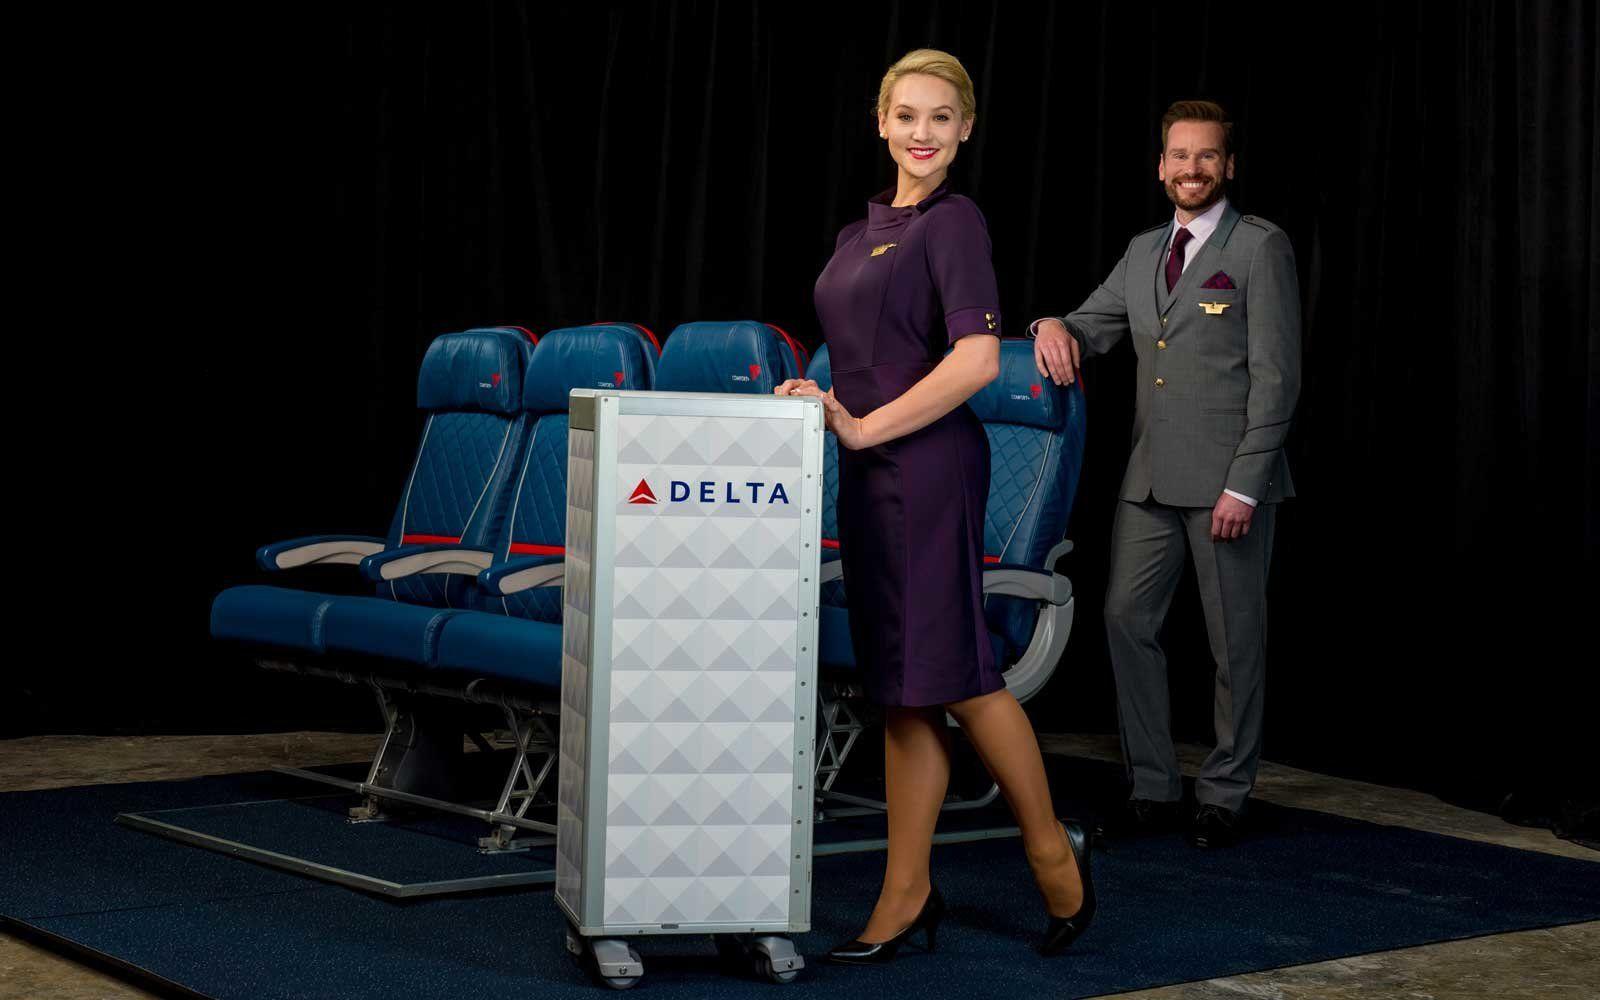 Năm 2016, Zac Posen cũng nhận vinh dự thiết kế lại toàn bộ đồng phục cho hãng hàng không Delta.